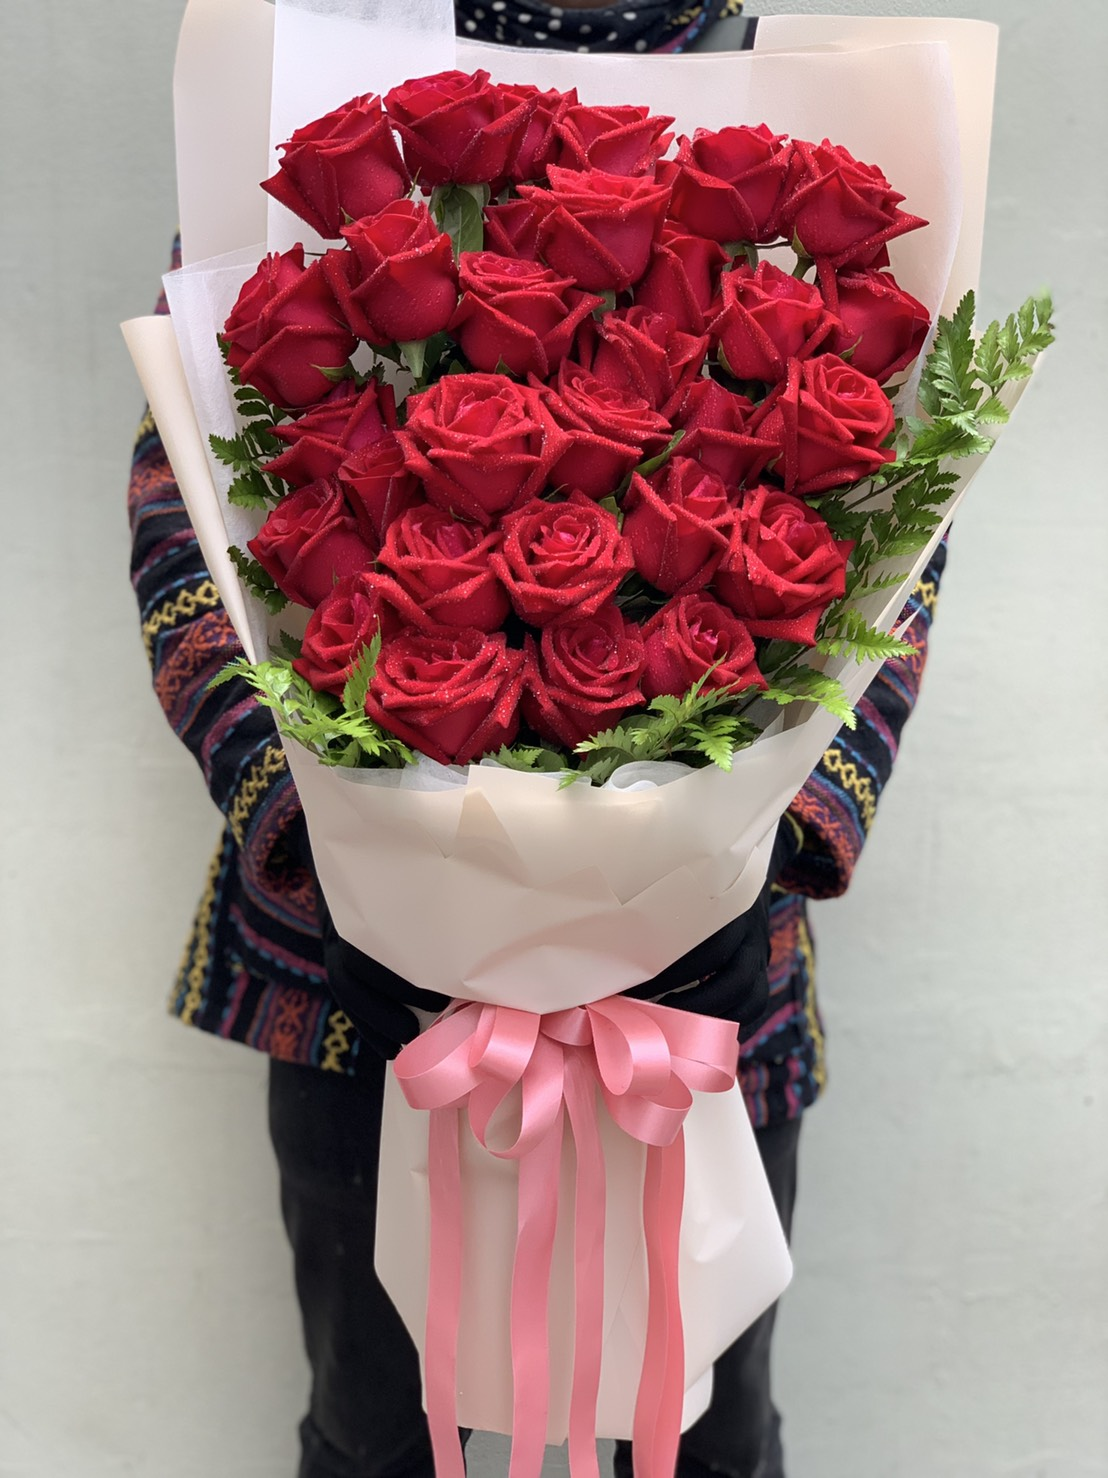 ช่อดอกไม้ที่คัดดอกกุหลาบแดงมาแบบเน้น ๆ จัดเต็มในทุกรายละเอียด